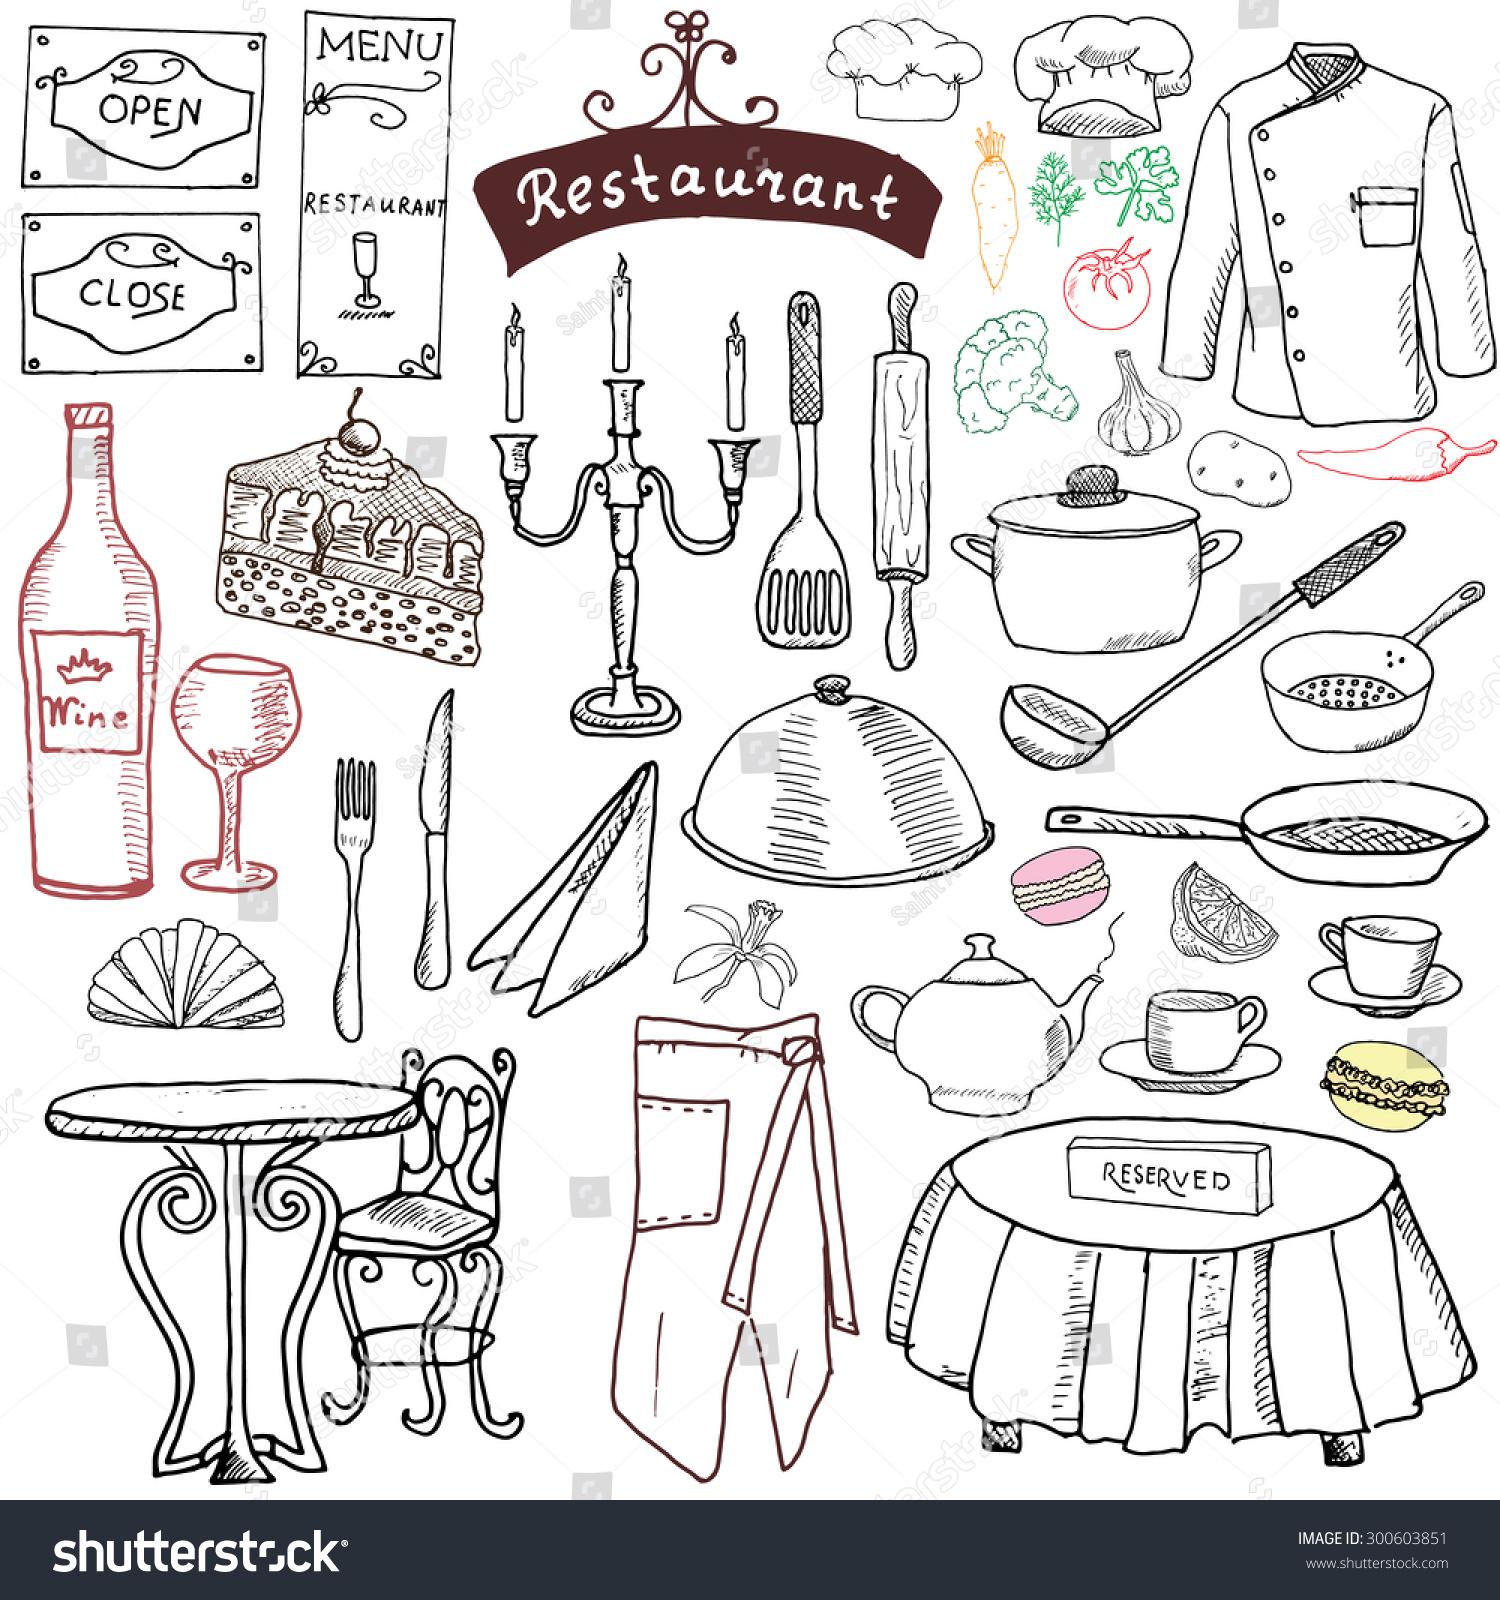 White apron menu - Restaurant Sketch Doodles Set Hand Drawn Elements Food And Drink Knife Fork